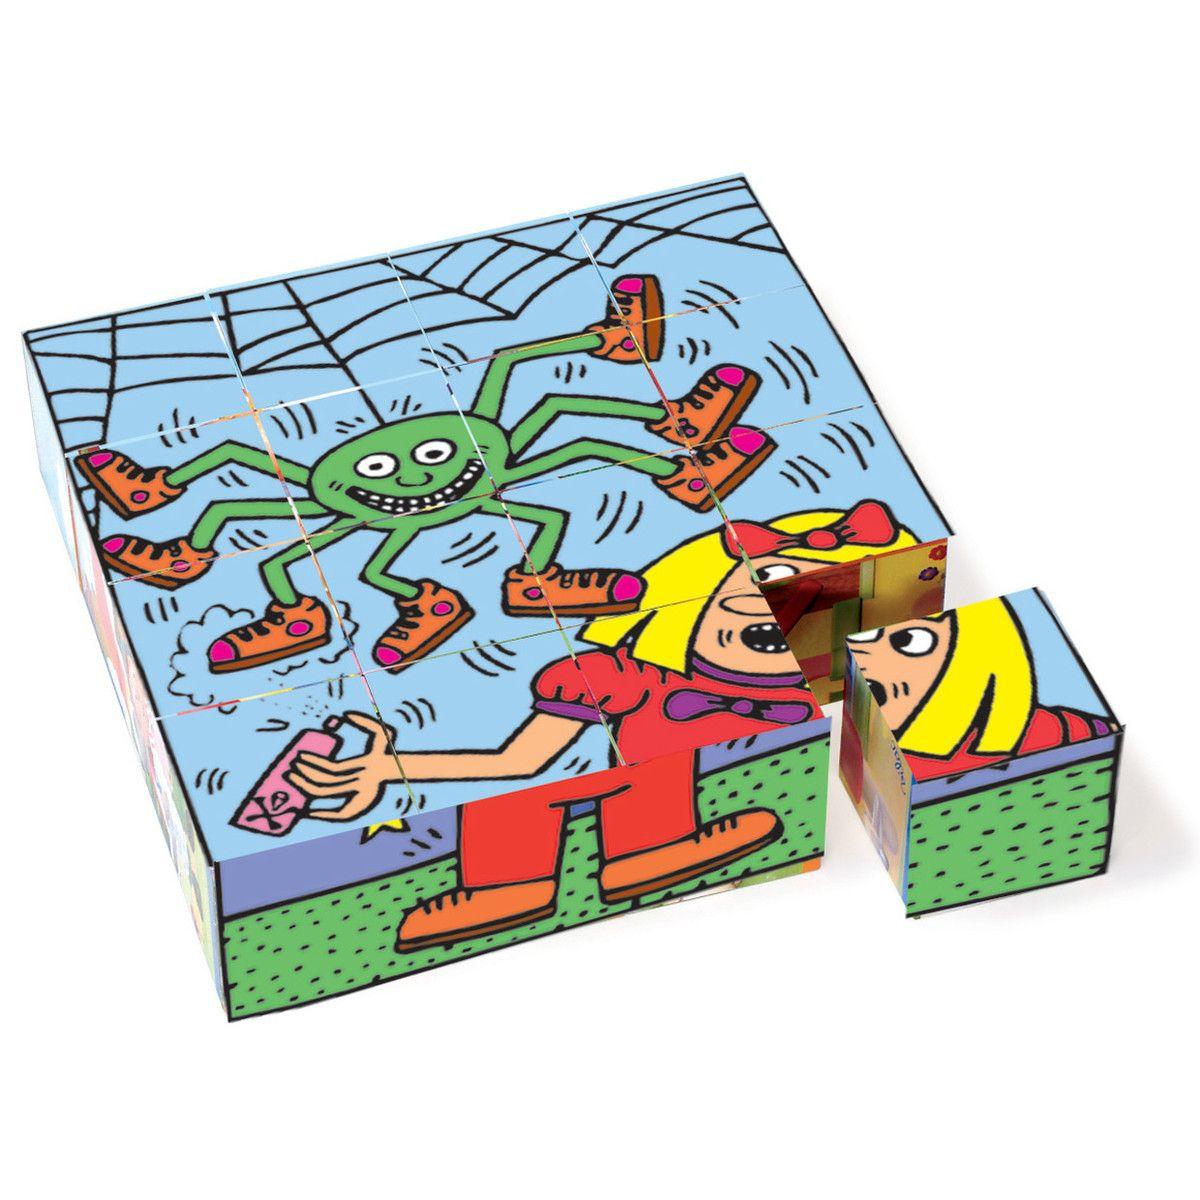 Keith Haring Blocks